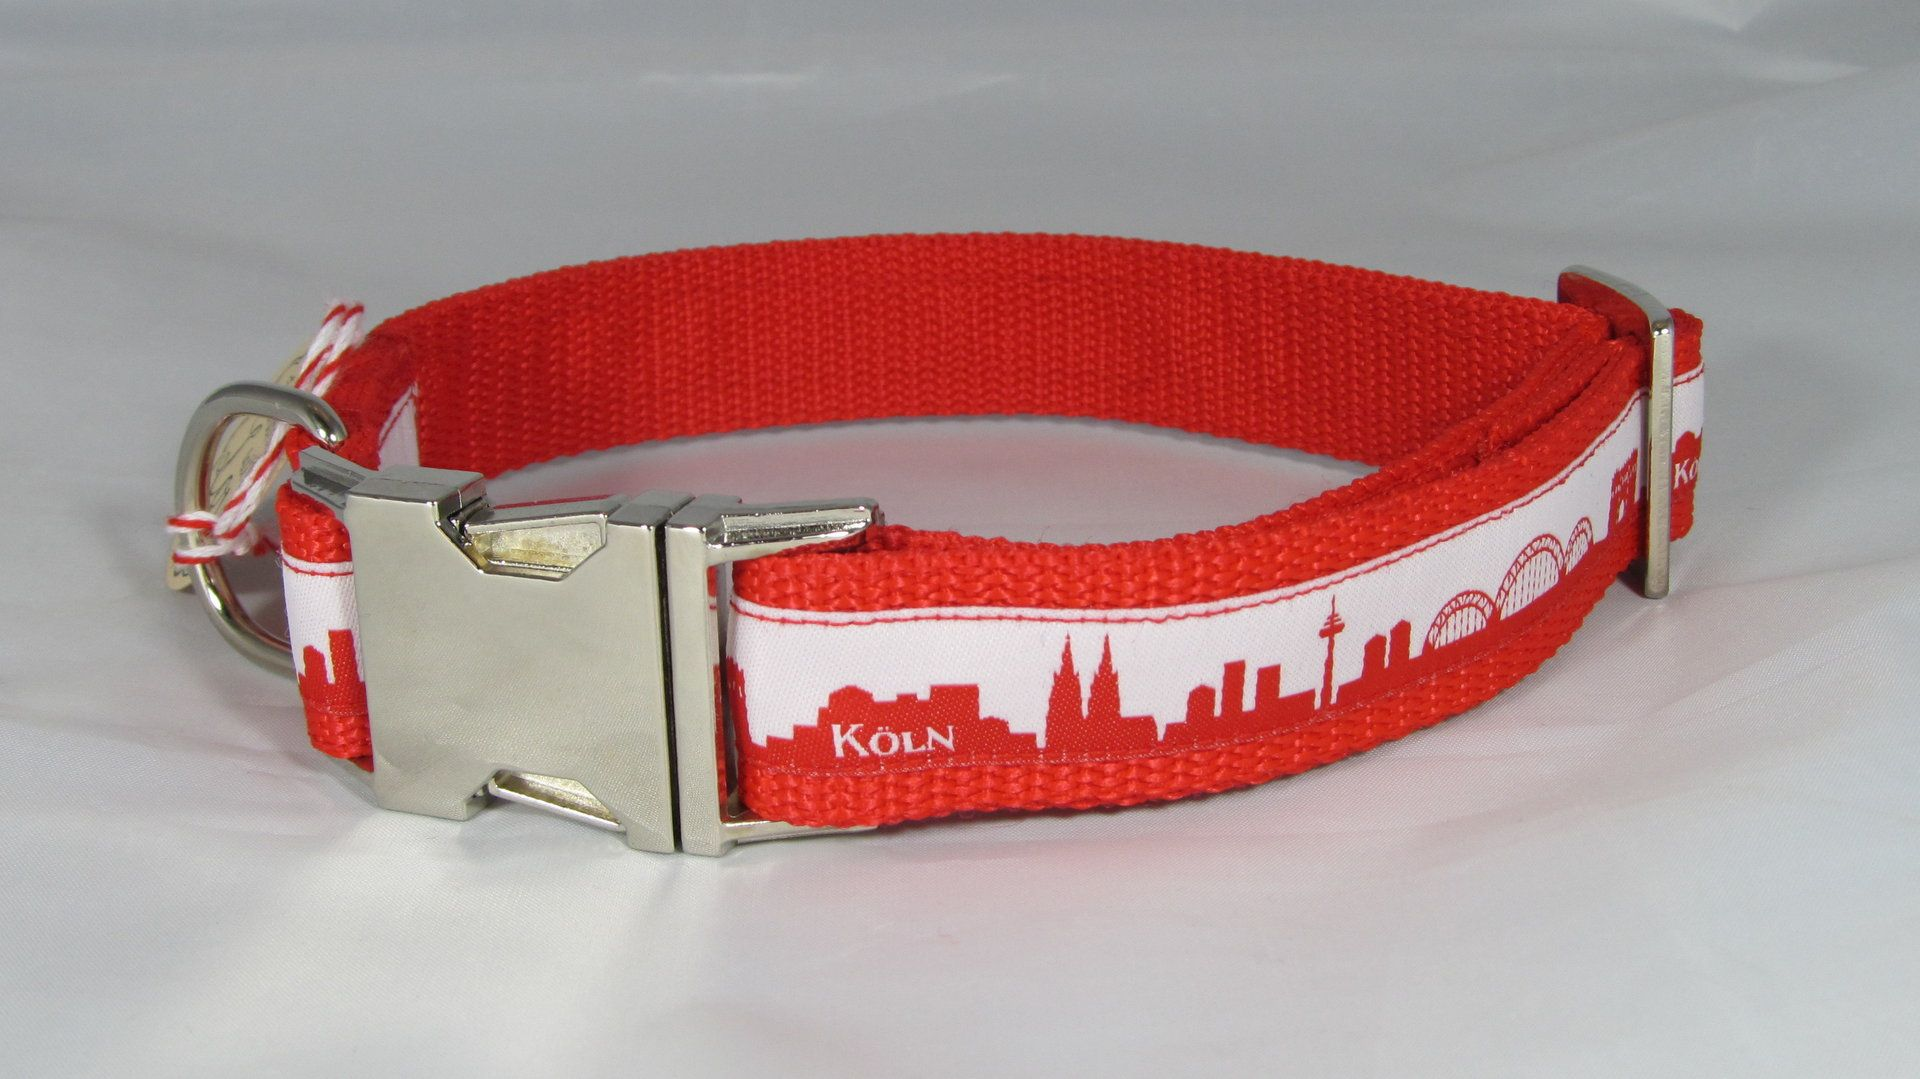 Hundehalsband Skyline Koln Verstellbar Verschiedene Farben Verschiedene Breiten Kunststoff Oder Aluschliesser Wahlweise Mit Neopr Halsband Hunde Hundehalsband